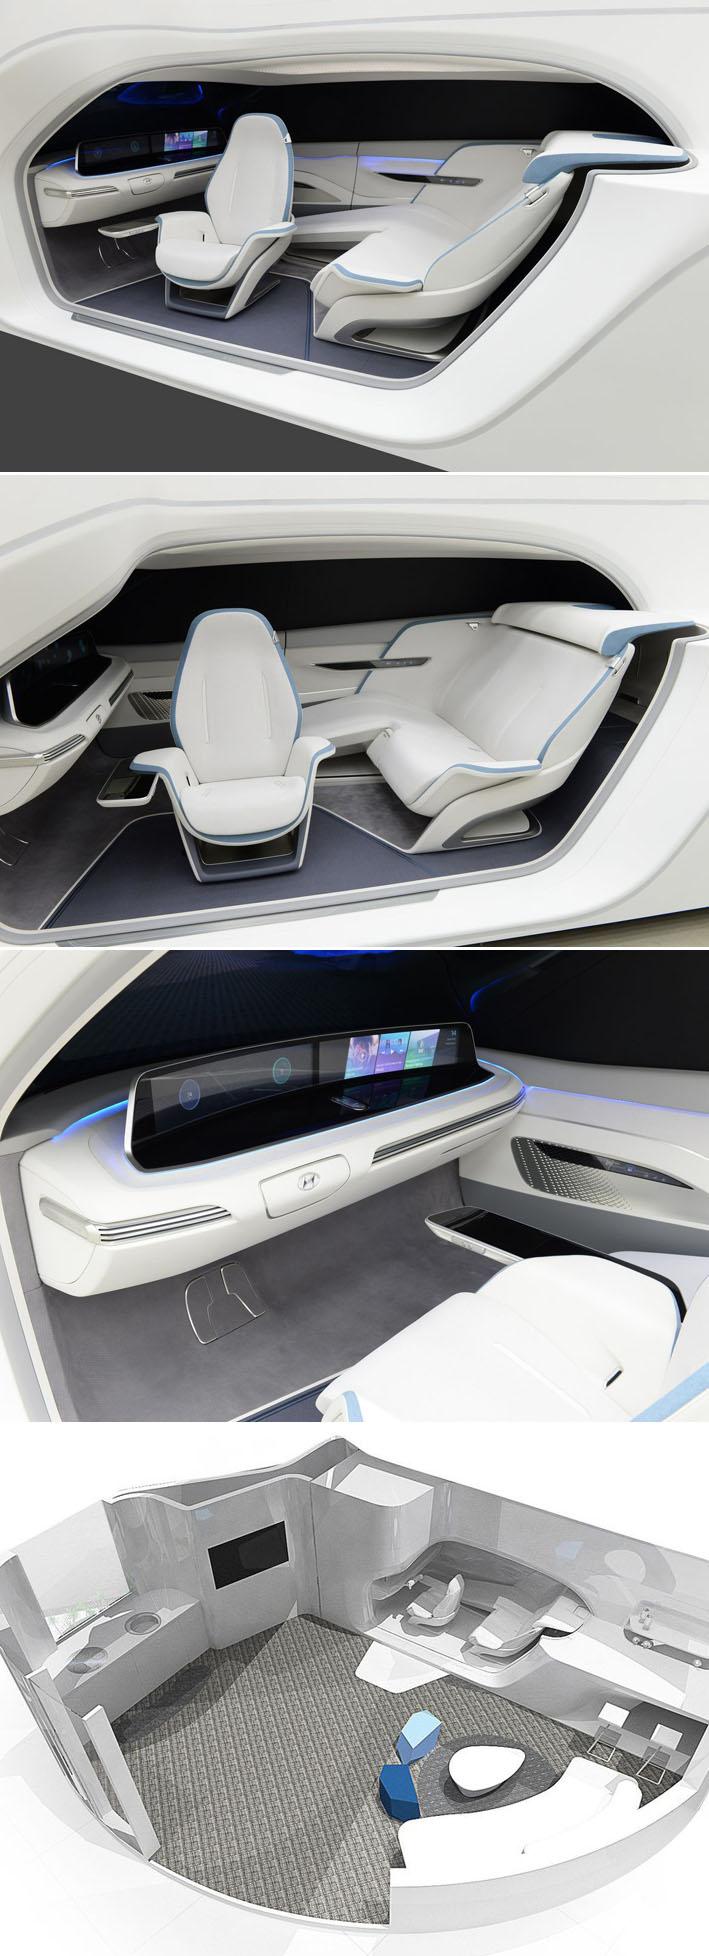 """Hyundai apresenta o futuro da mobilidade com seu carro """"sala de estar"""" stylo urbano-2"""